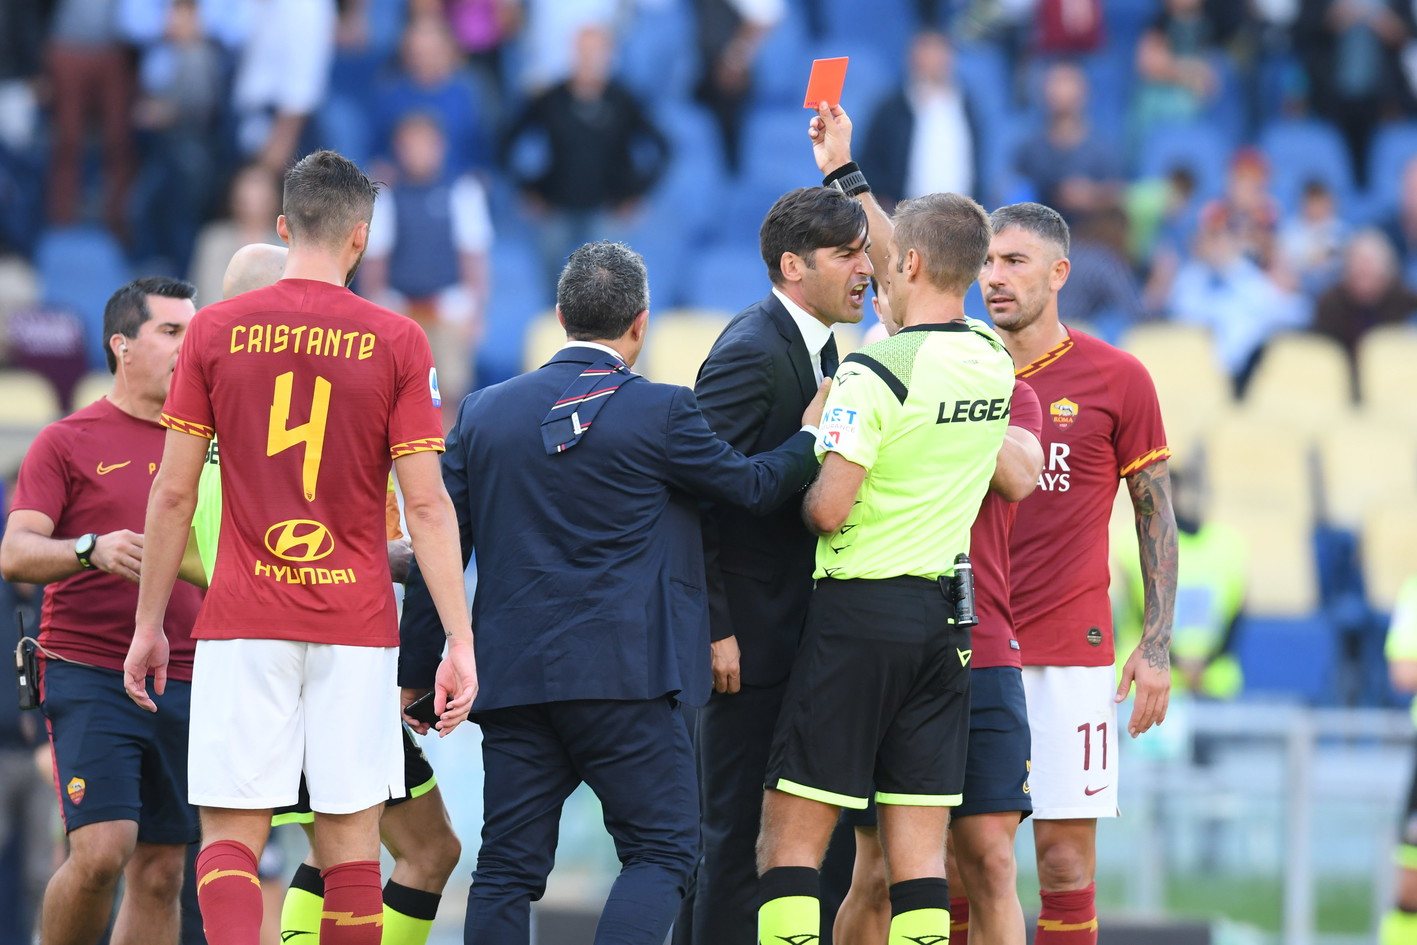 Finale convulso in Roma-Cagliari: dopo il triplice fischio, Fonseca si è scagliato contro Massa probabilmente per il gol annullato a Kalinic ne...